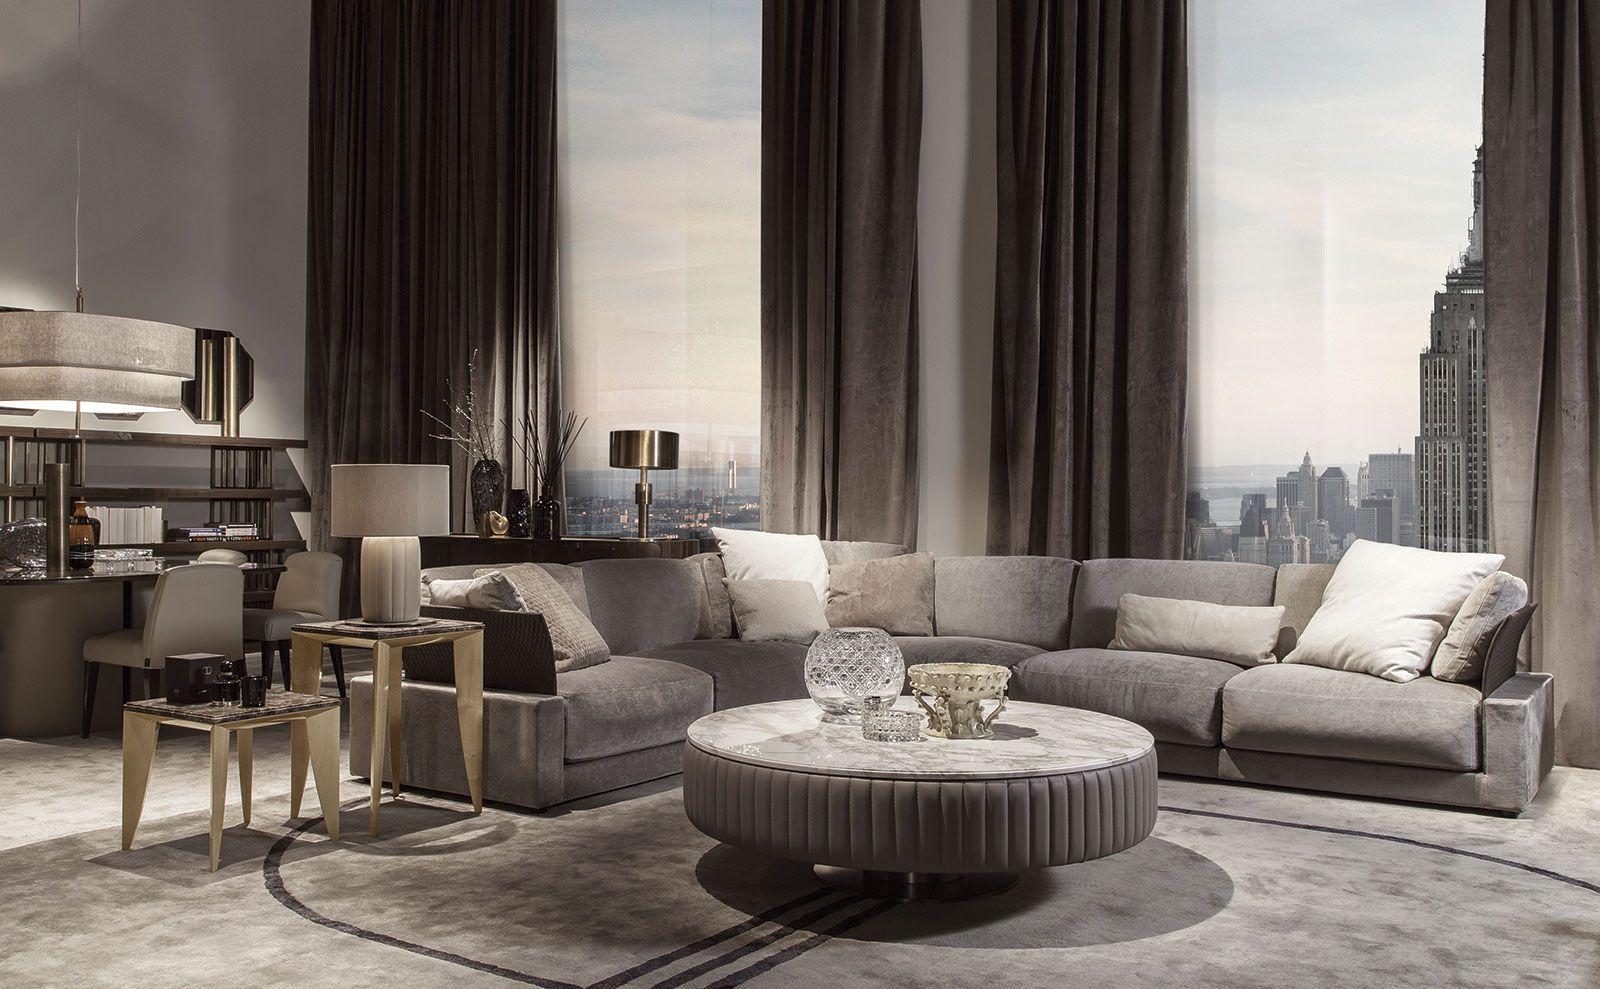 Arredamenti moderni di lusso ys19 regardsdefemmes for Arredamenti per hotel di lusso